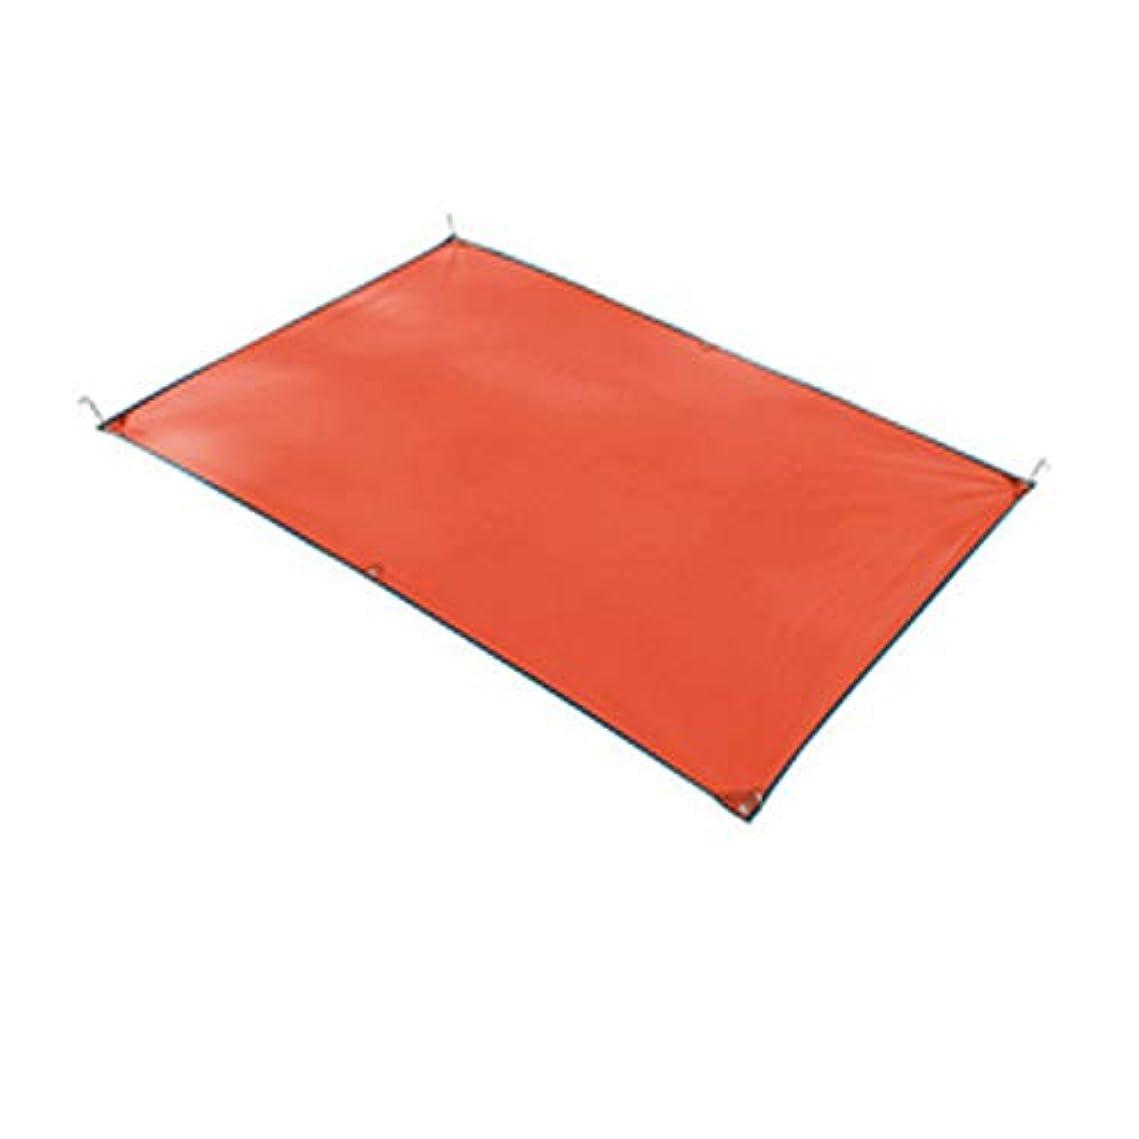 アッティカス小麦粉洗練キャンプ用マット、屋外用防水ビーチマット、210 * 150 Cm、屋外旅行に適し、マルチカラーオプション (Color : Blue, Size : 210*150cm)